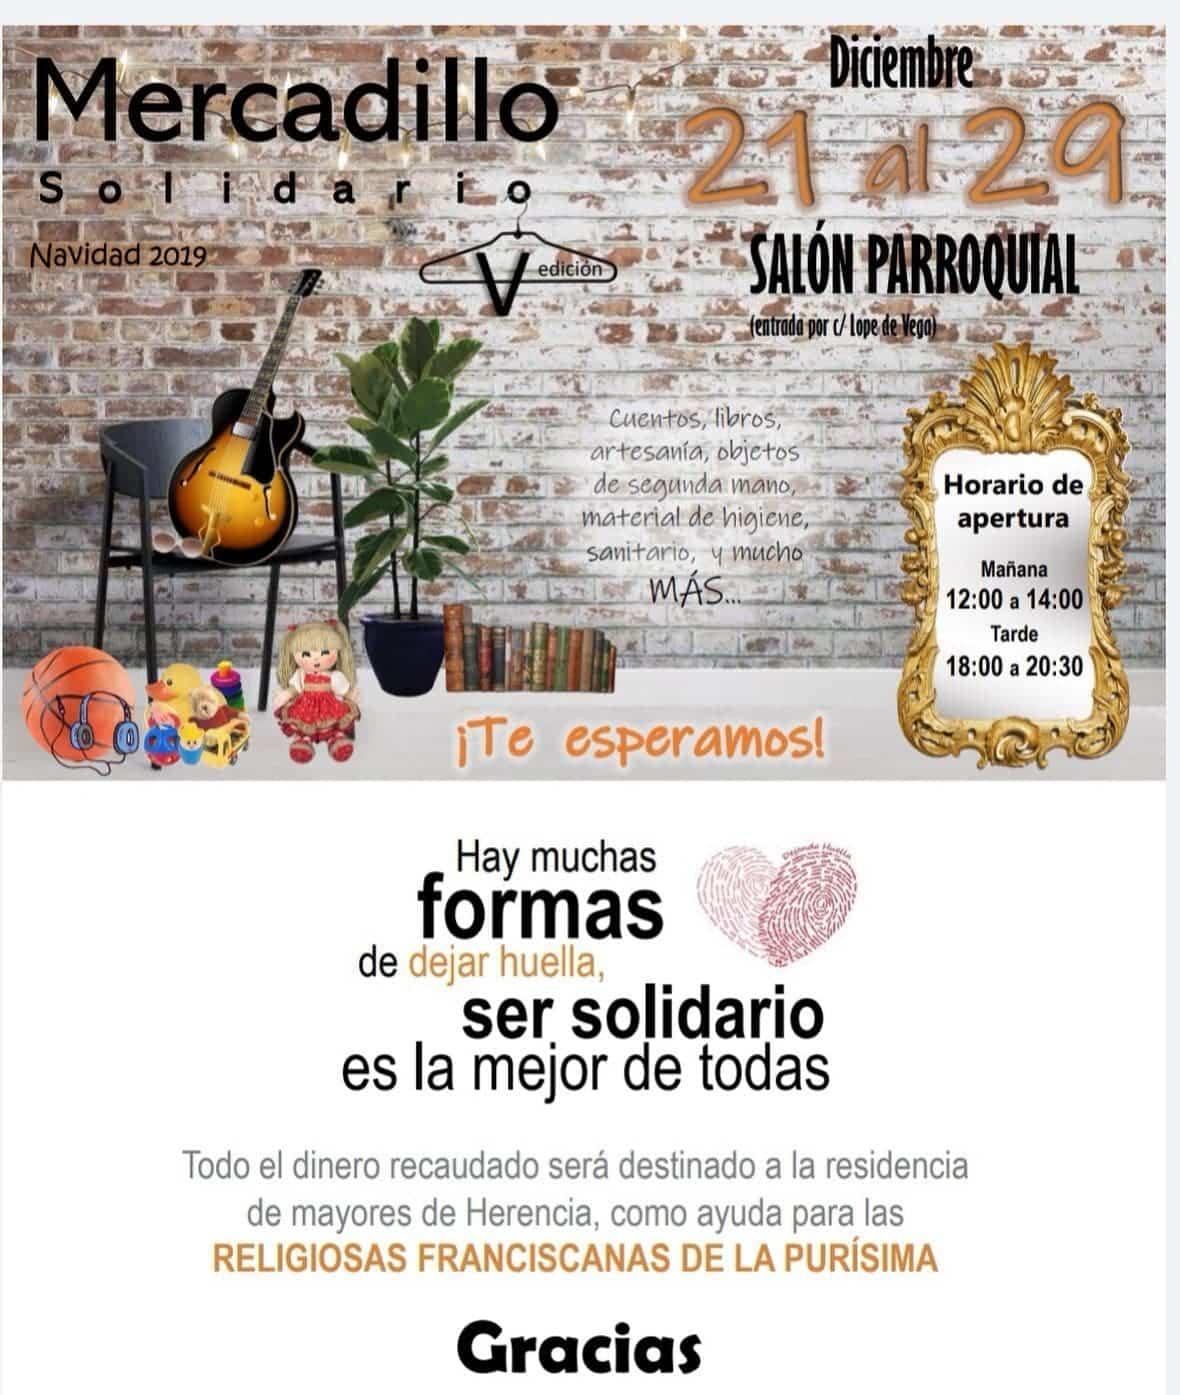 mercadillo solidario 2019 herencia - Mercadillo Solidario en Herencia esta navidades